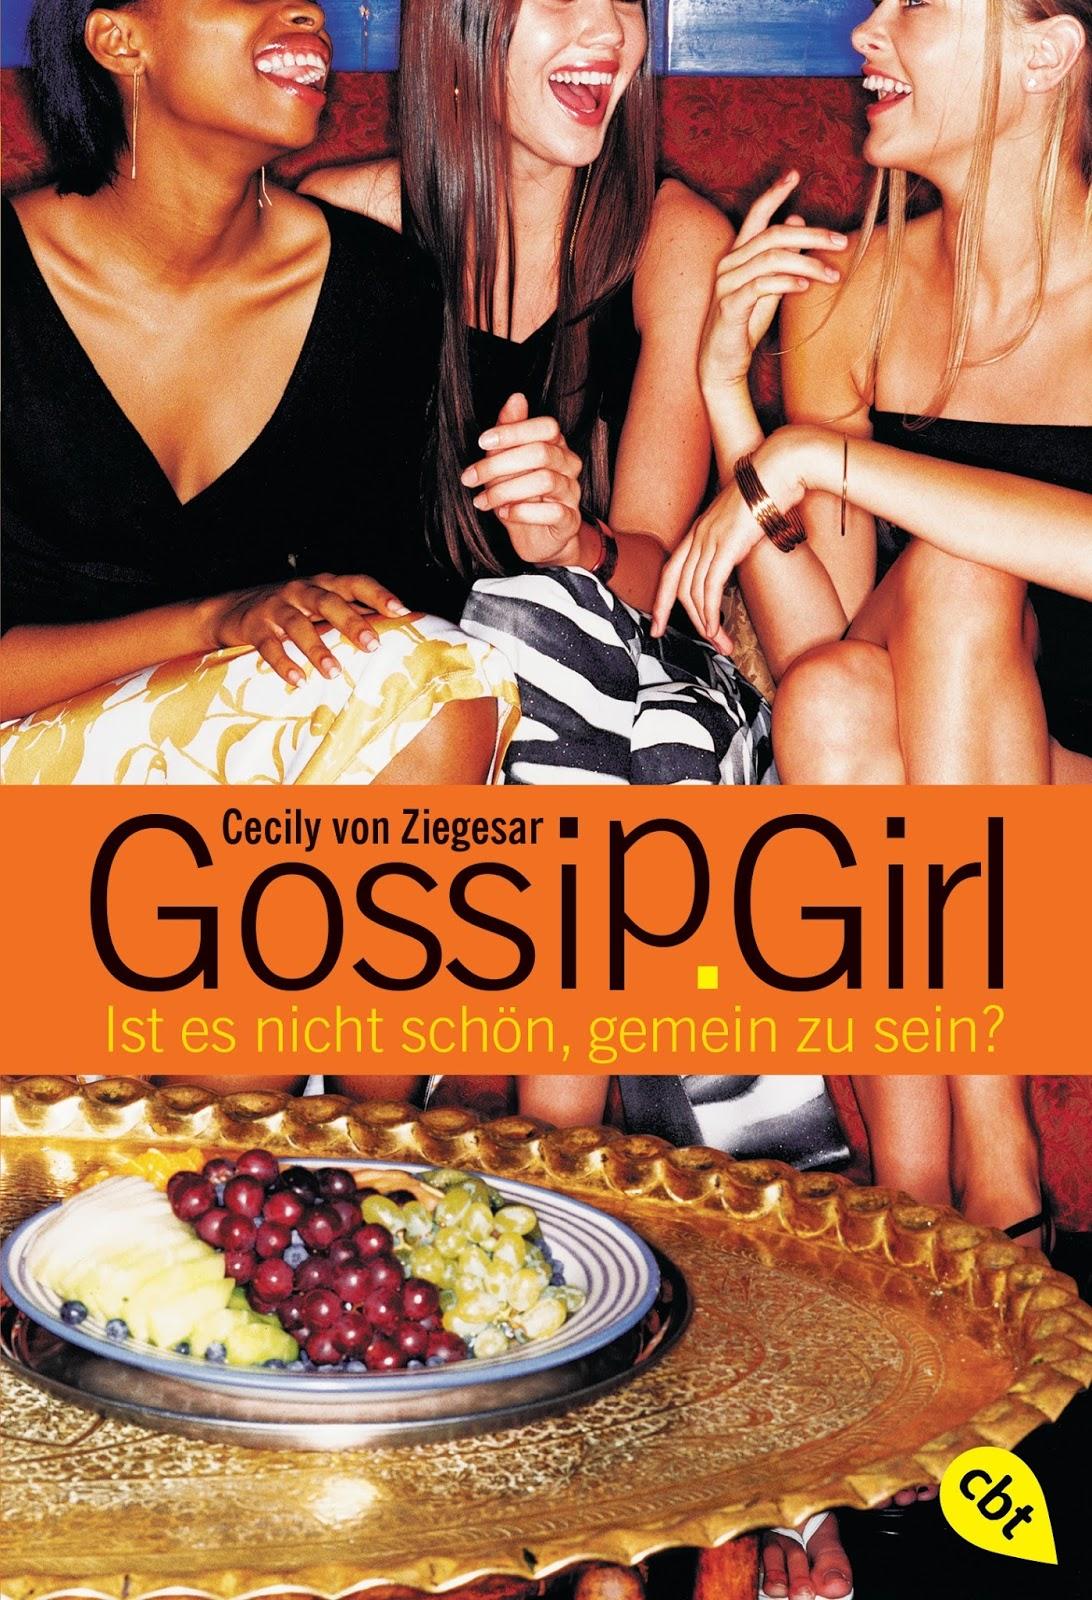 http://www.randomhouse.de/Presse/Taschenbuch/Gossip-Girl-1-Ist-es-nicht-schoen-gemein-zu-sein/Cecily-von-Ziegesar/pr156412.rhd?pub=16000&men=1&mid=5